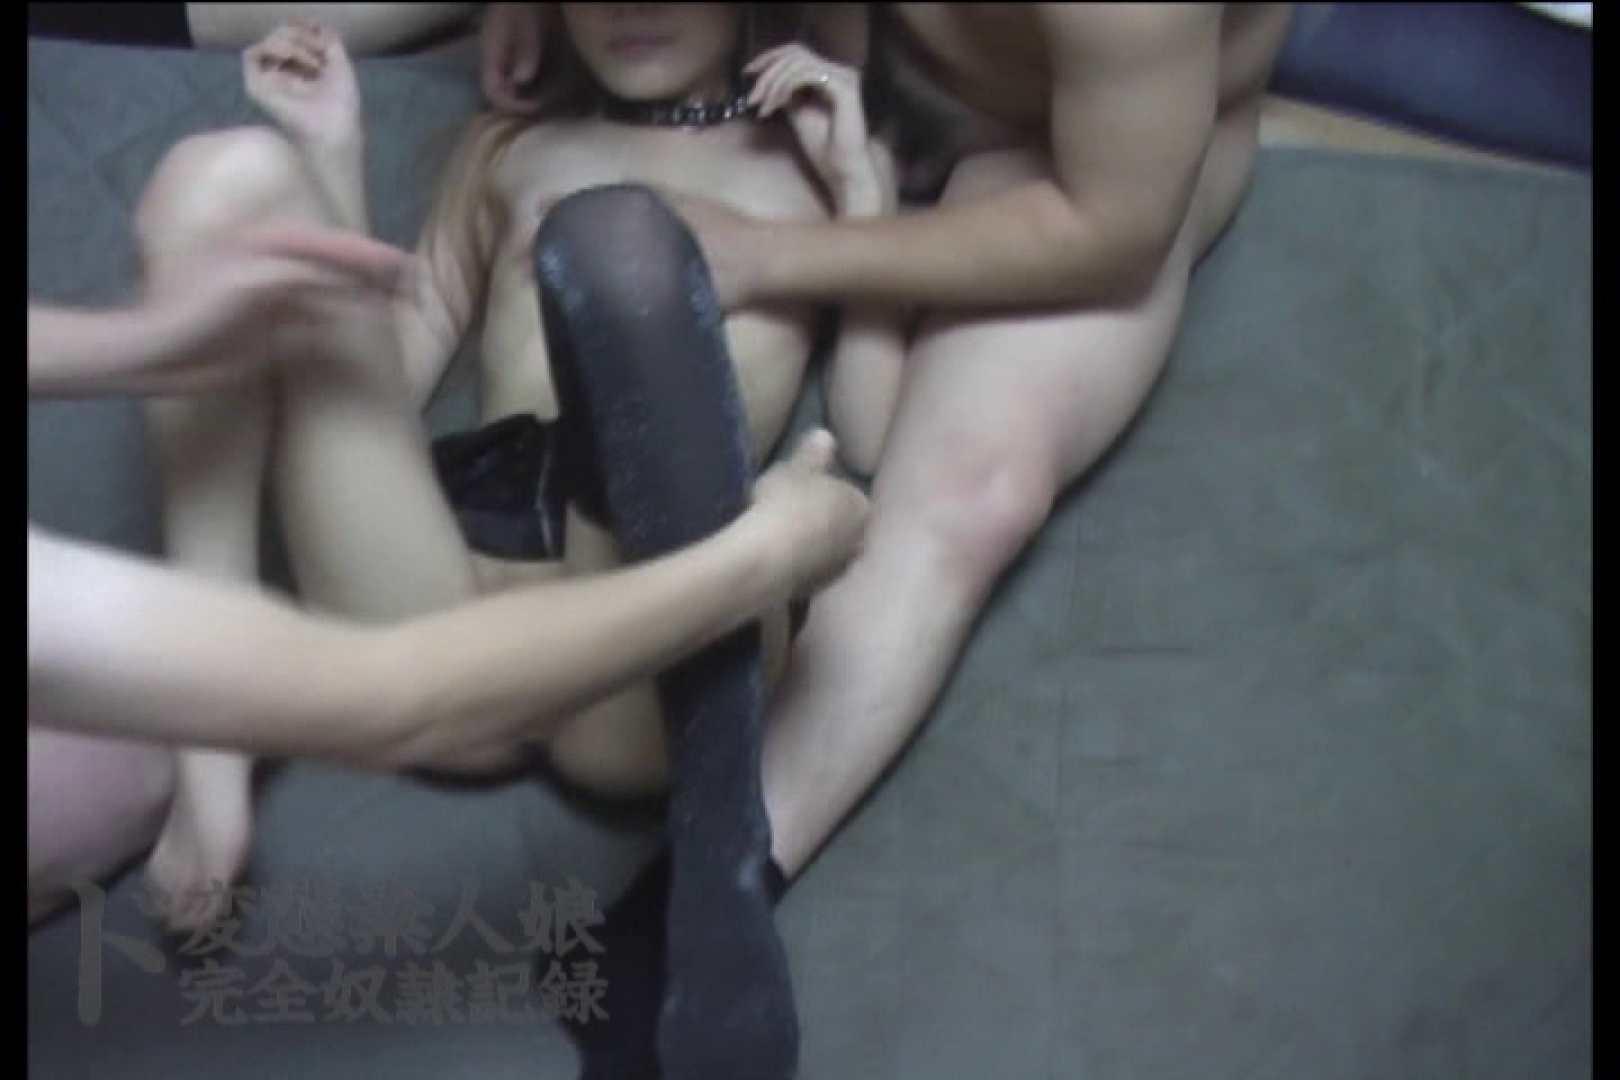 ド変態素人嬢完全奴隷記録 ~其の玖~ パイパン 隠し撮りオマンコ動画紹介 74連発 14